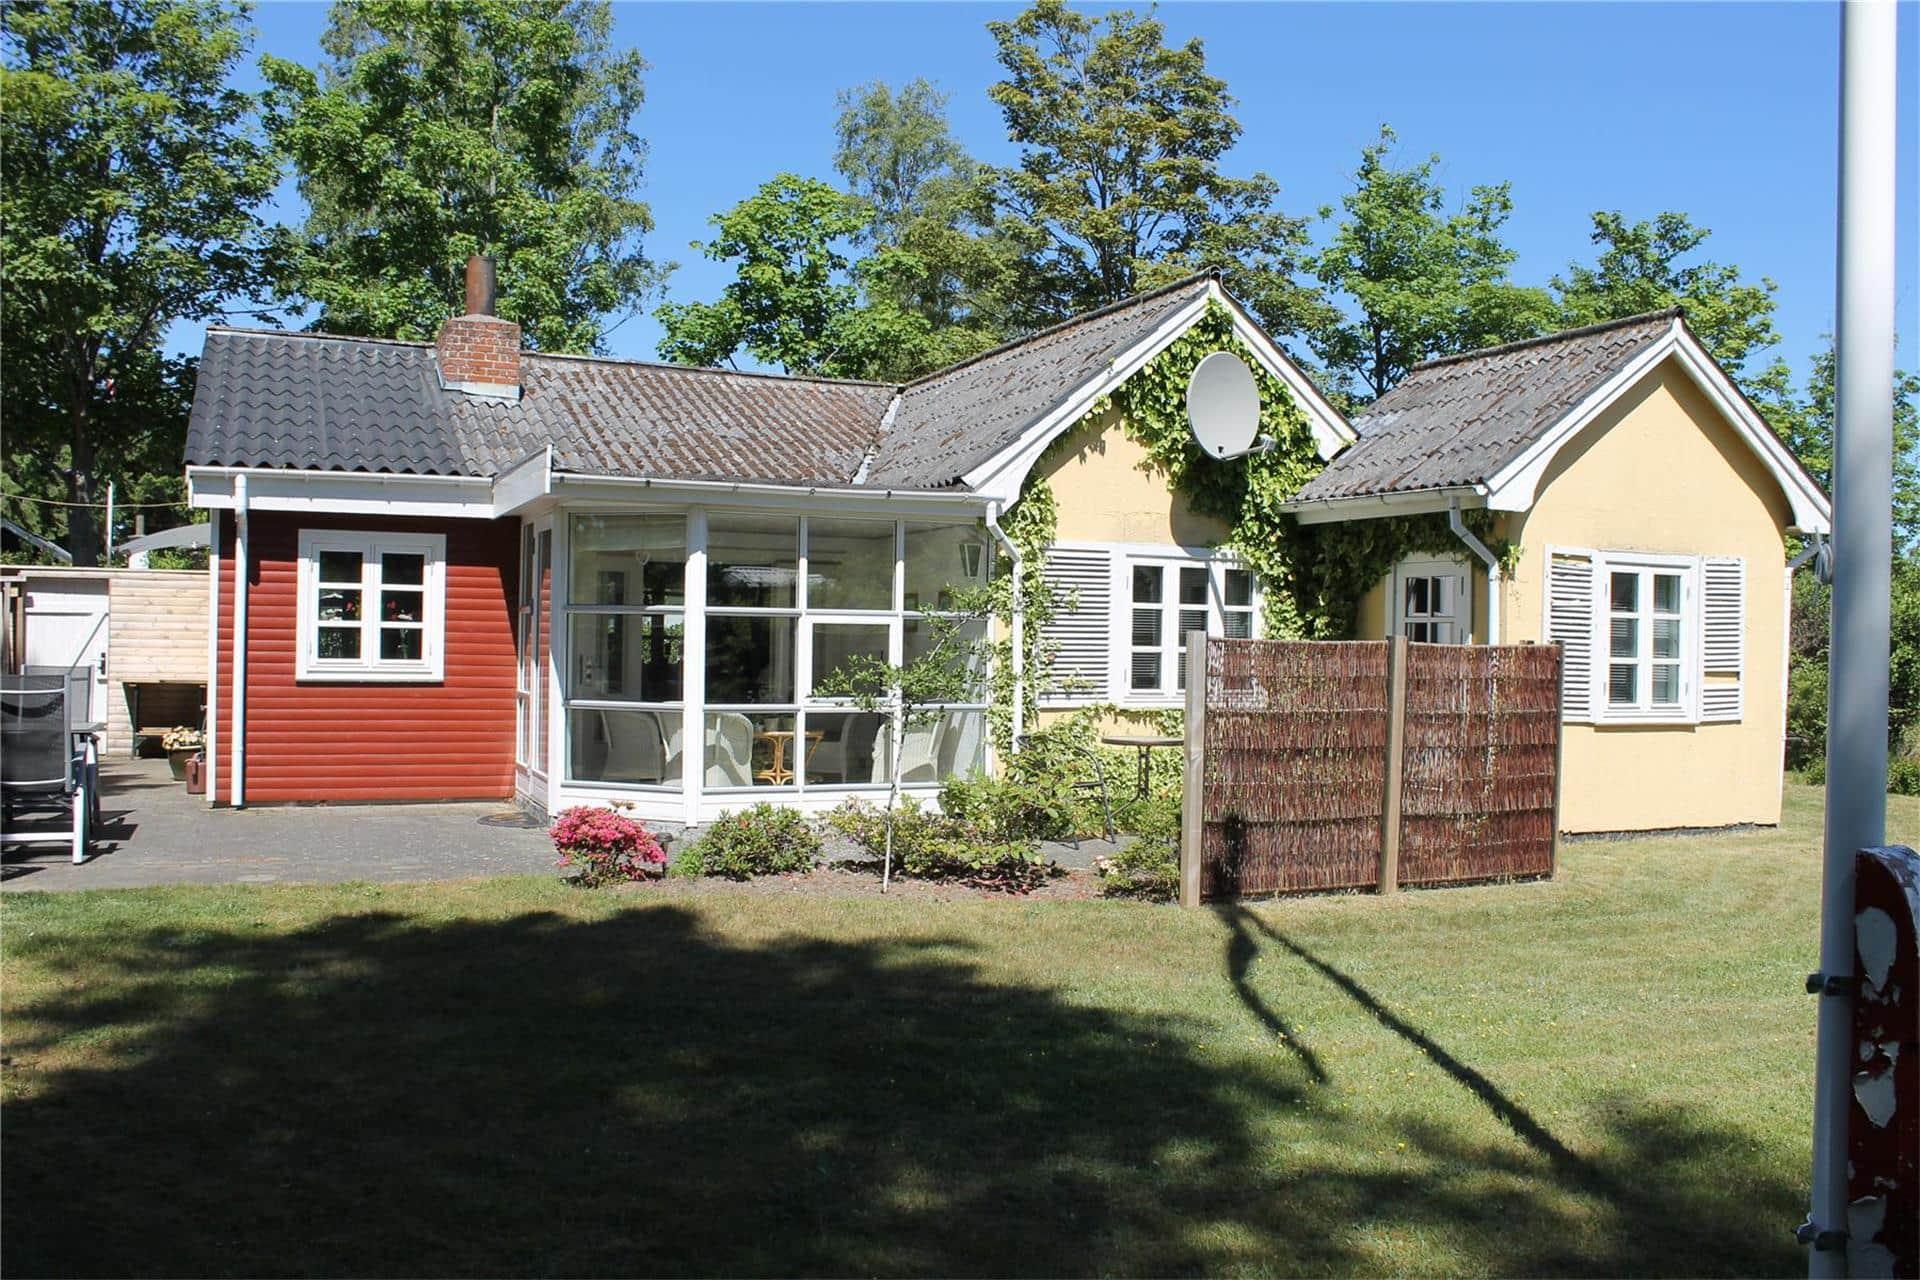 Afbeelding 1-23 Vakantiehuis 8513, Ahornvej 11, DK - 8500 Grenaa